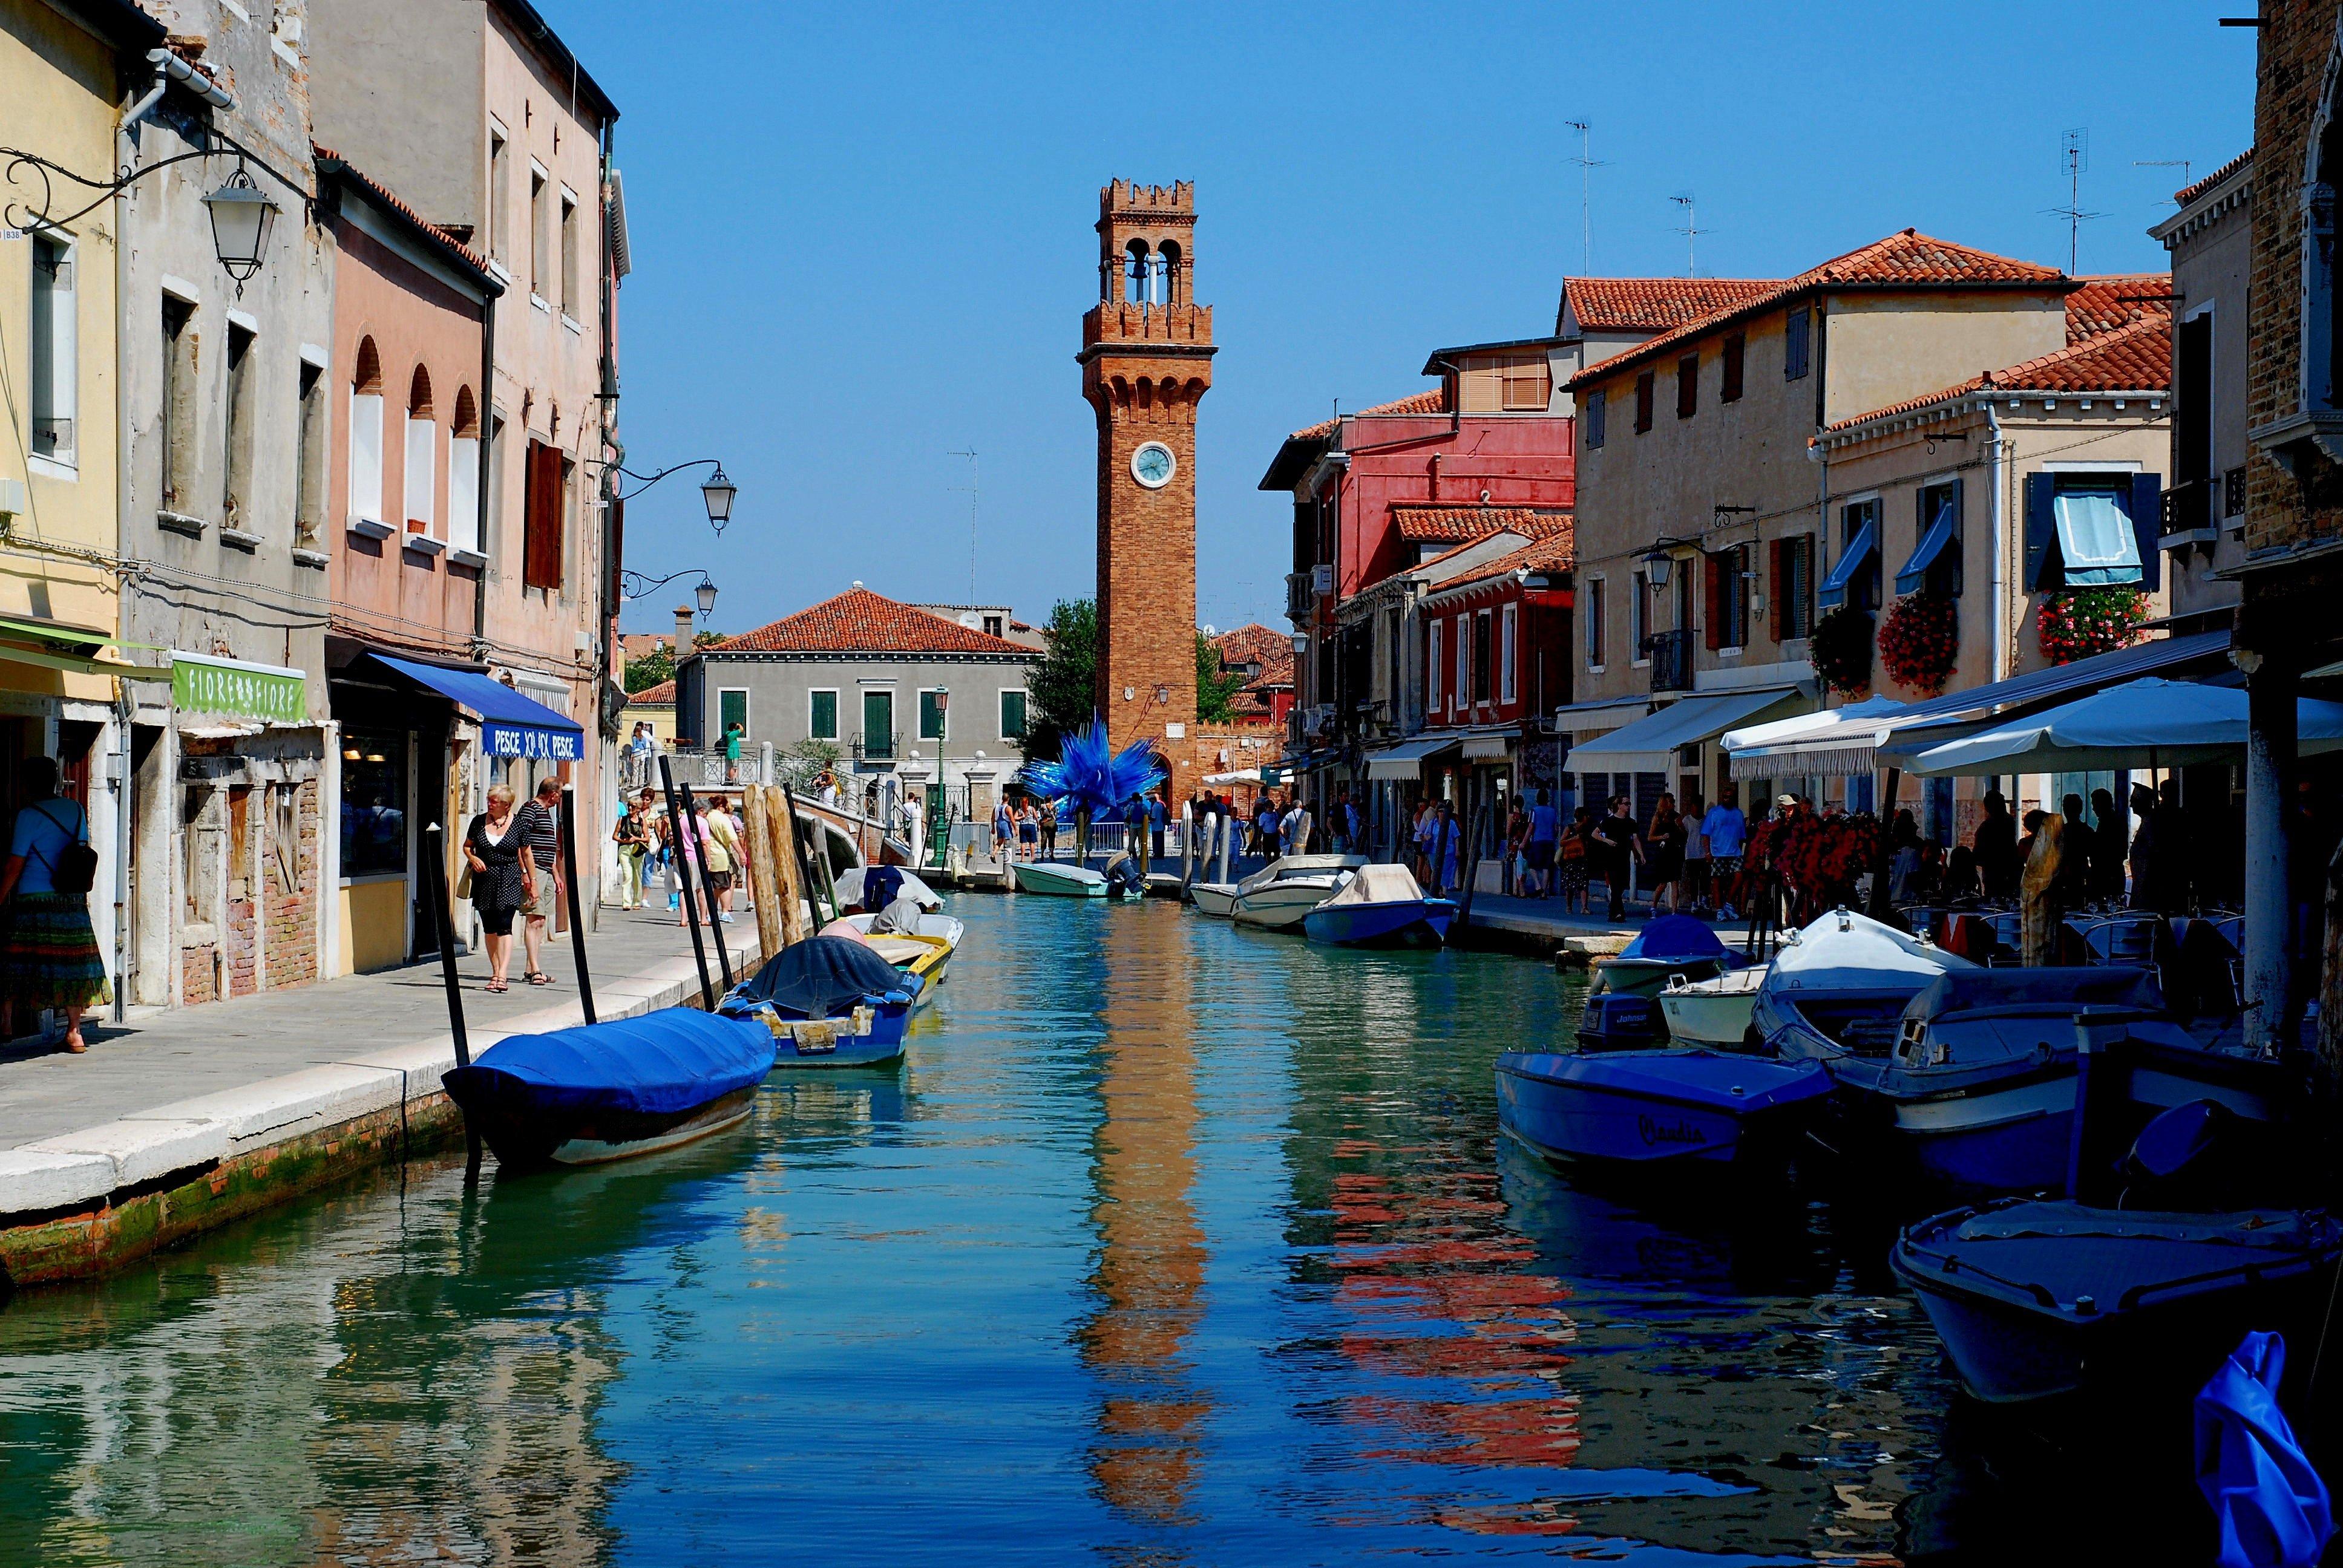 Tour delle isole mangiare a murano mangiare bene venezia for Una decorazione e formata da cinque rombi simili